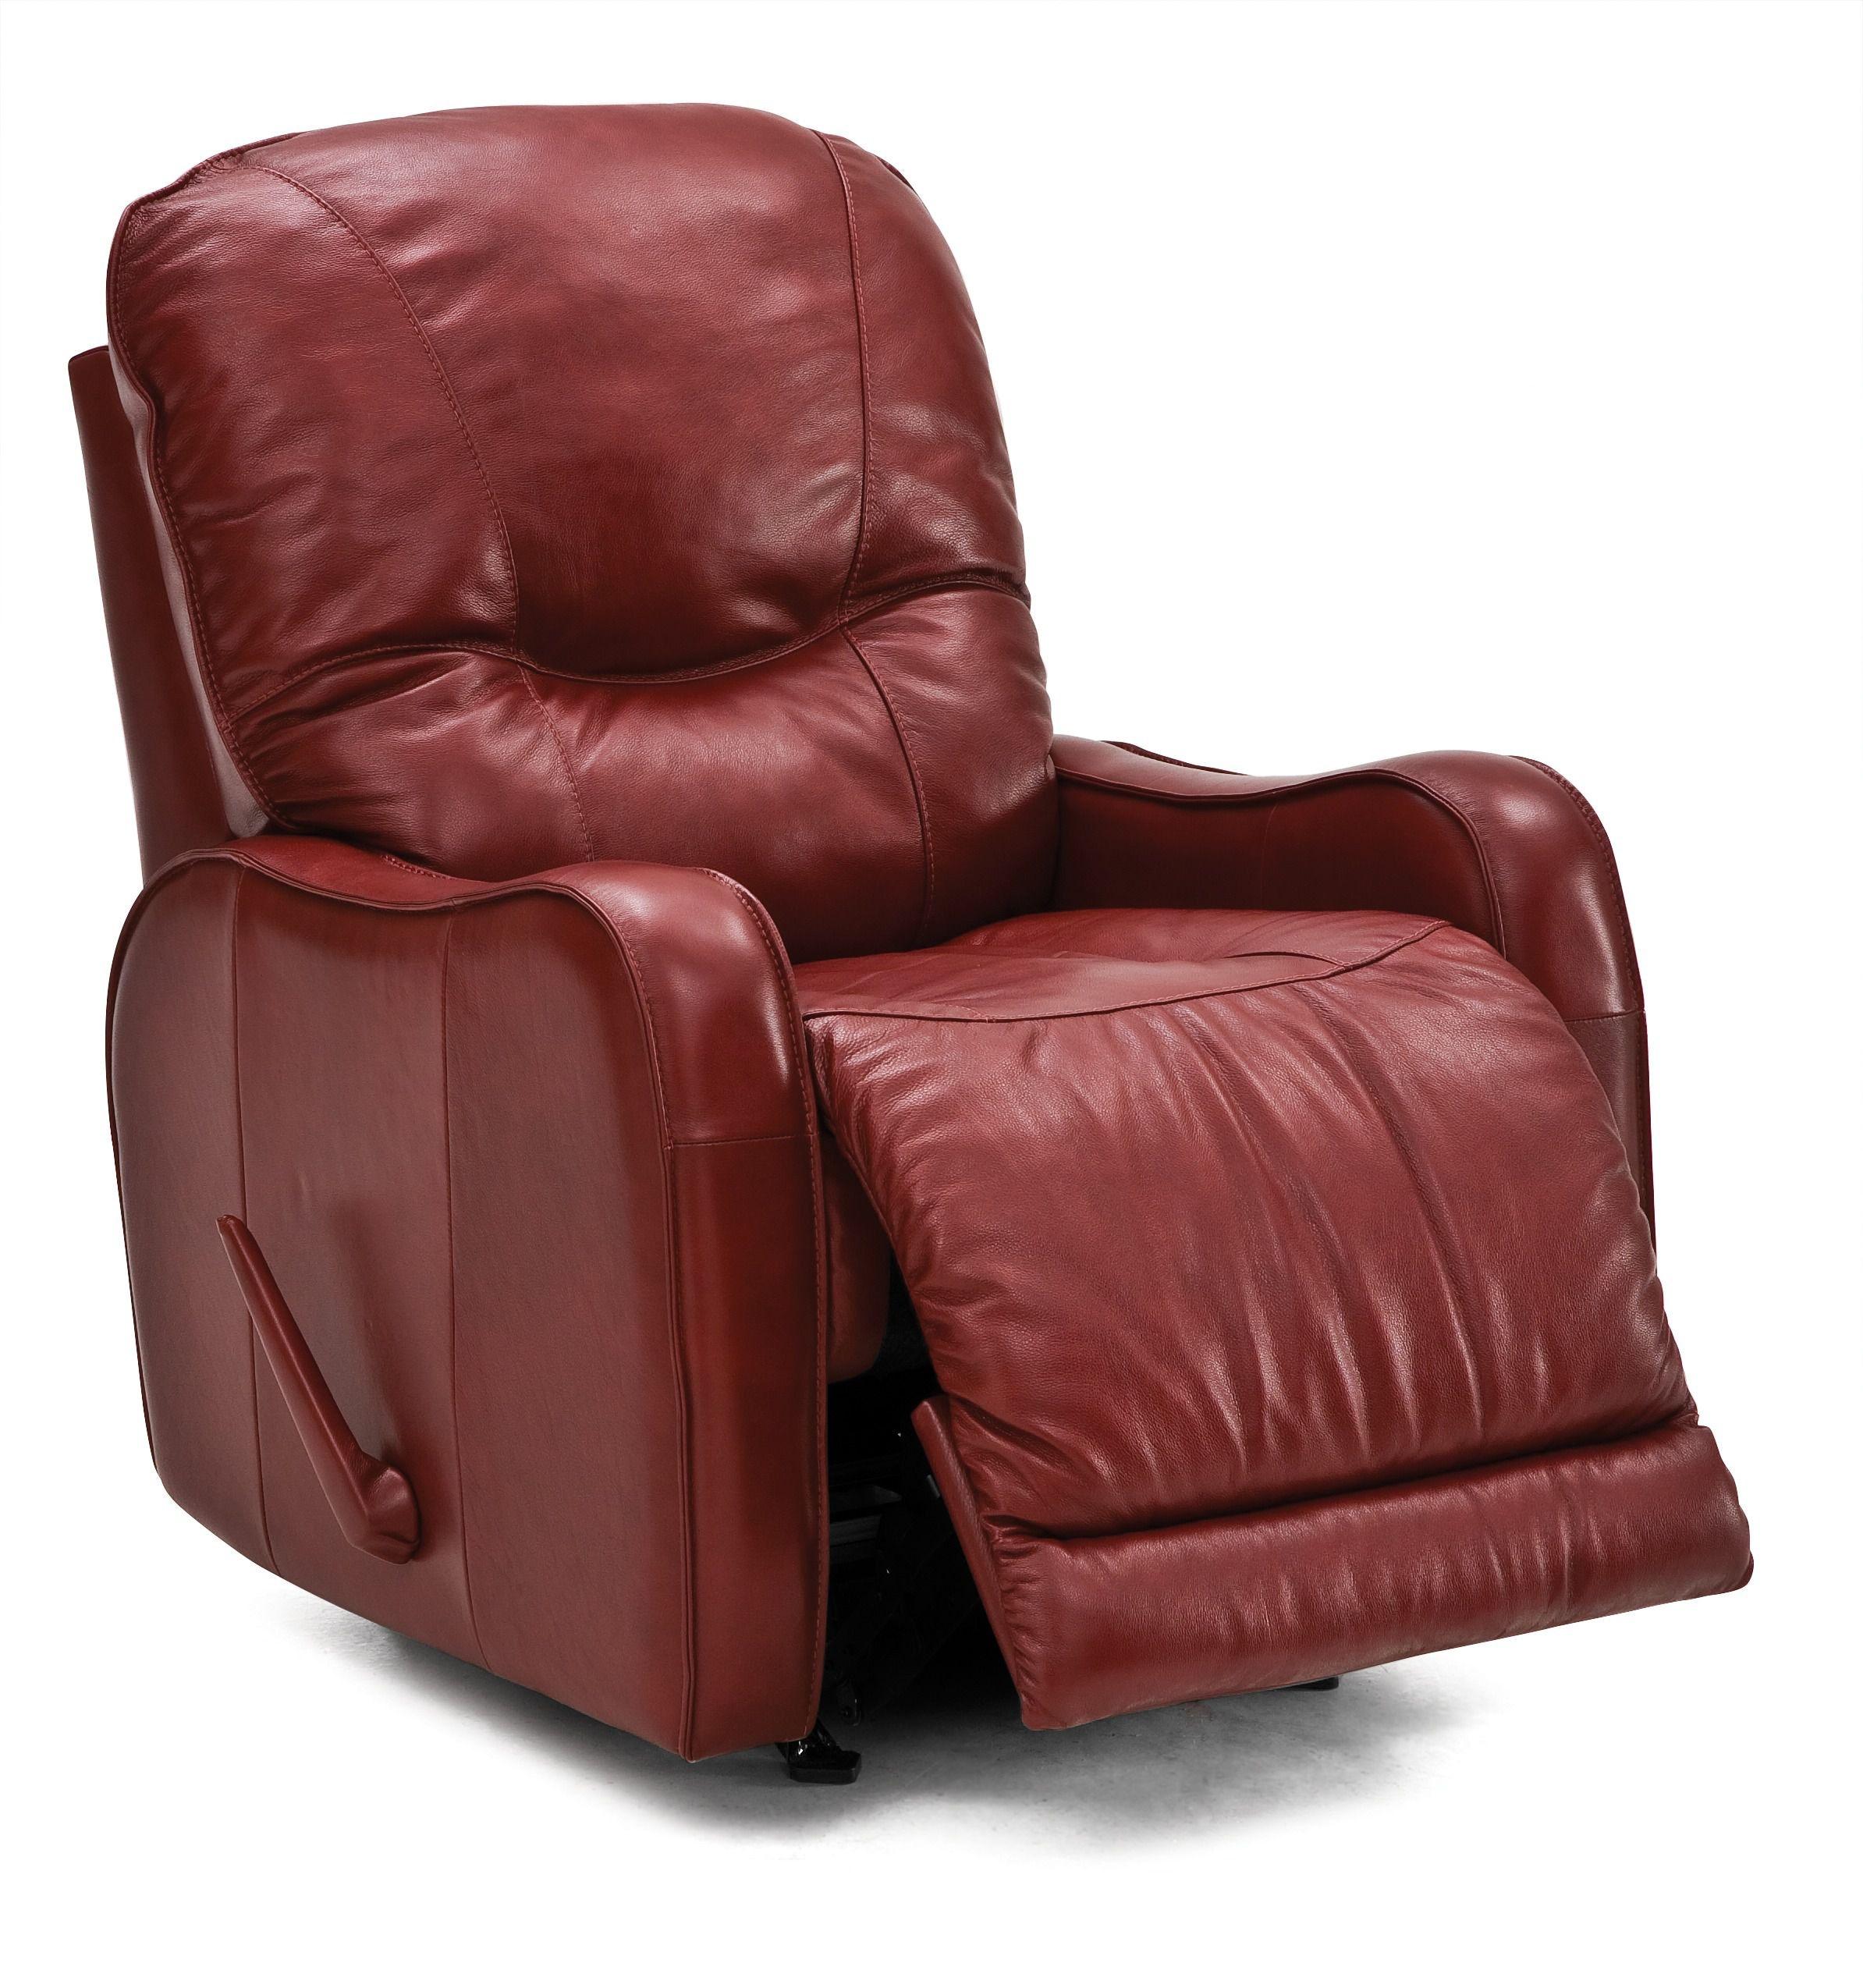 Palliser Furniture Rocker Recliner Chair 43012 32